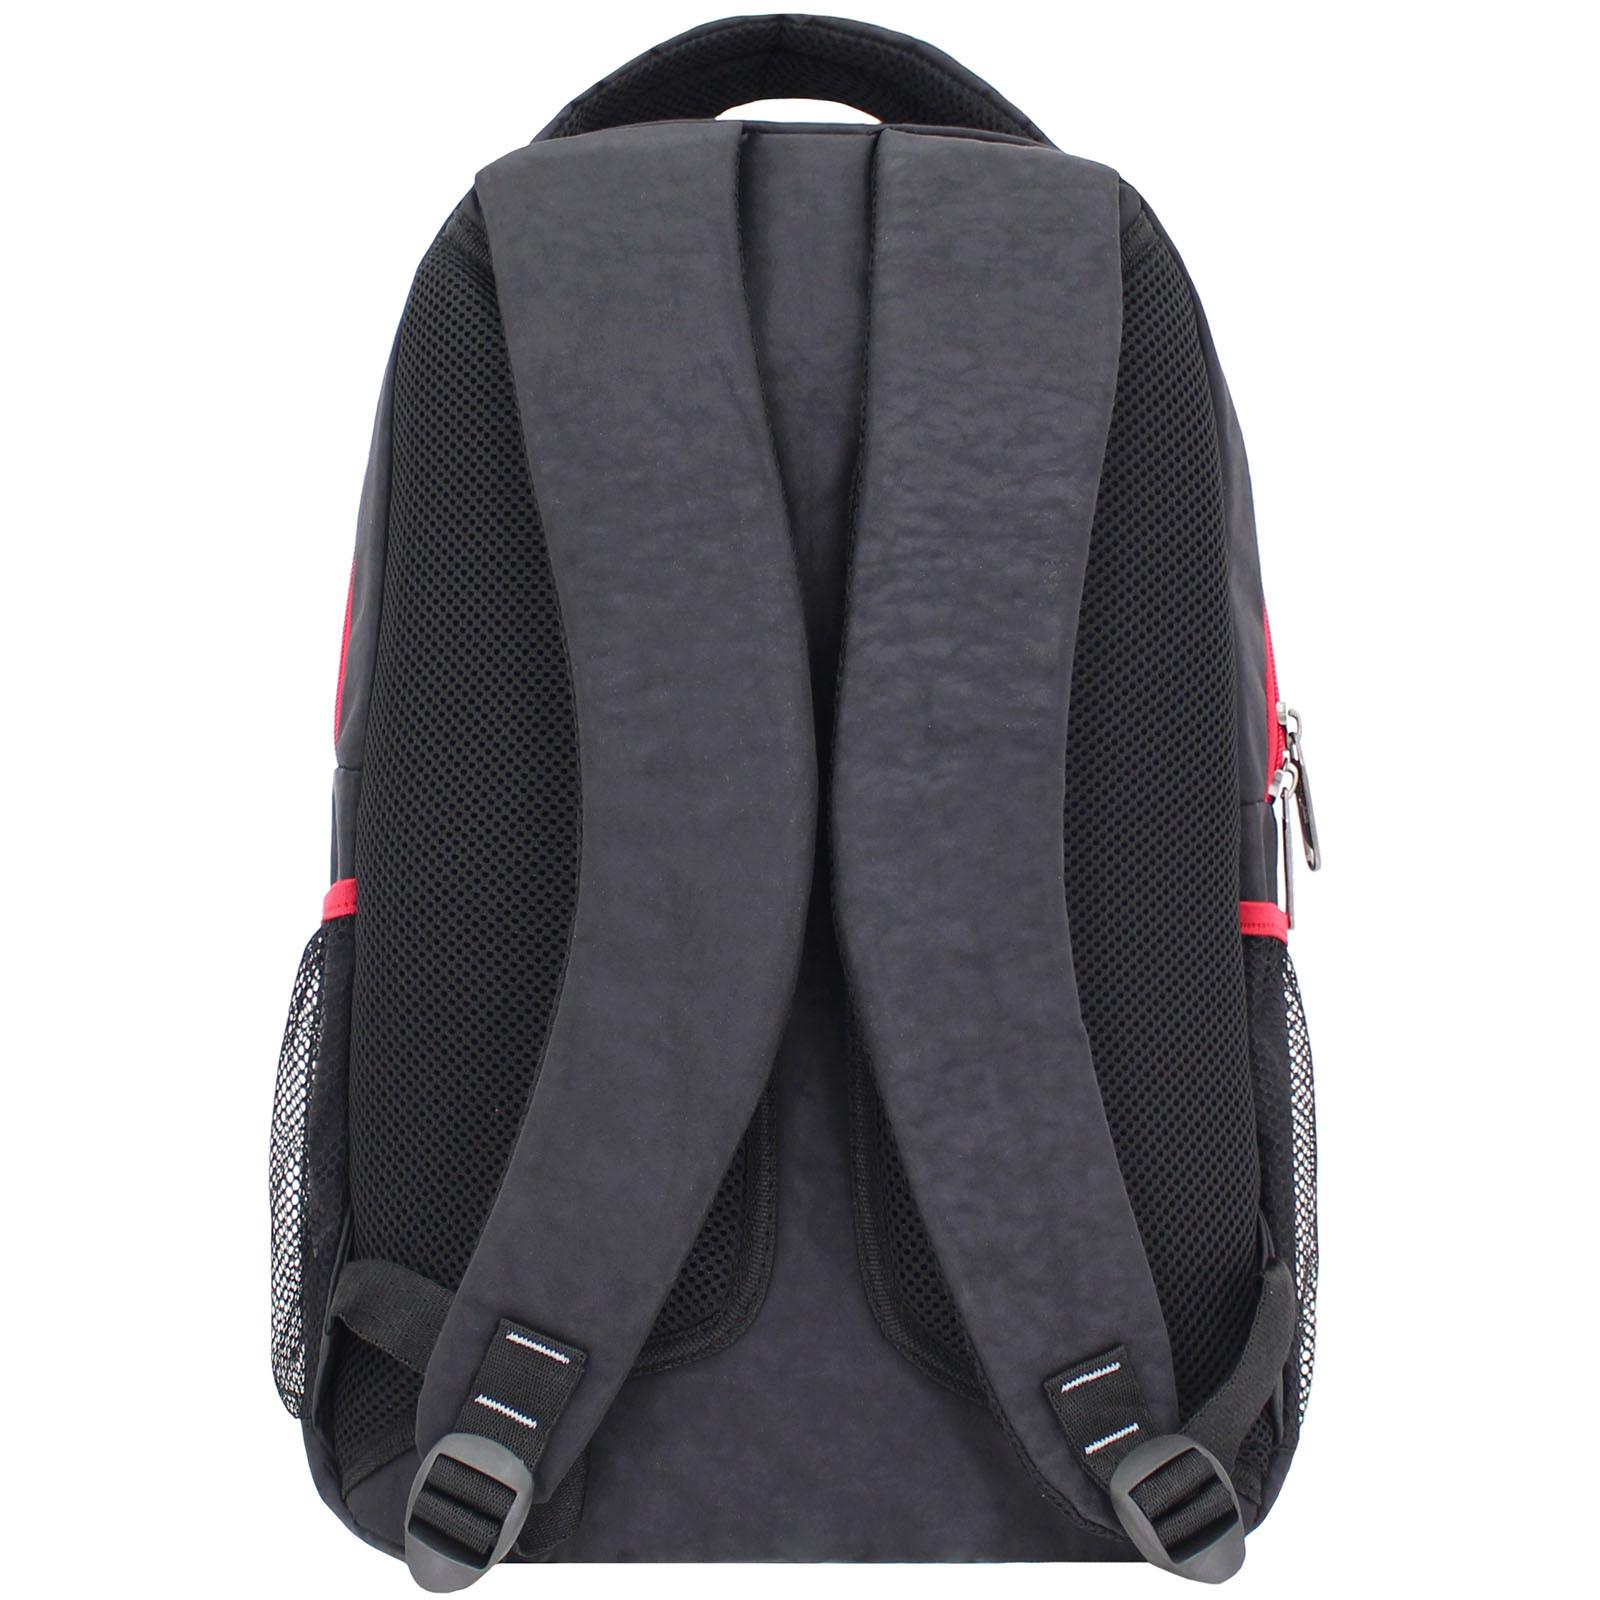 Рюкзак Bagland Лик 21 л. Чёрный/красный (0055770) фото 3